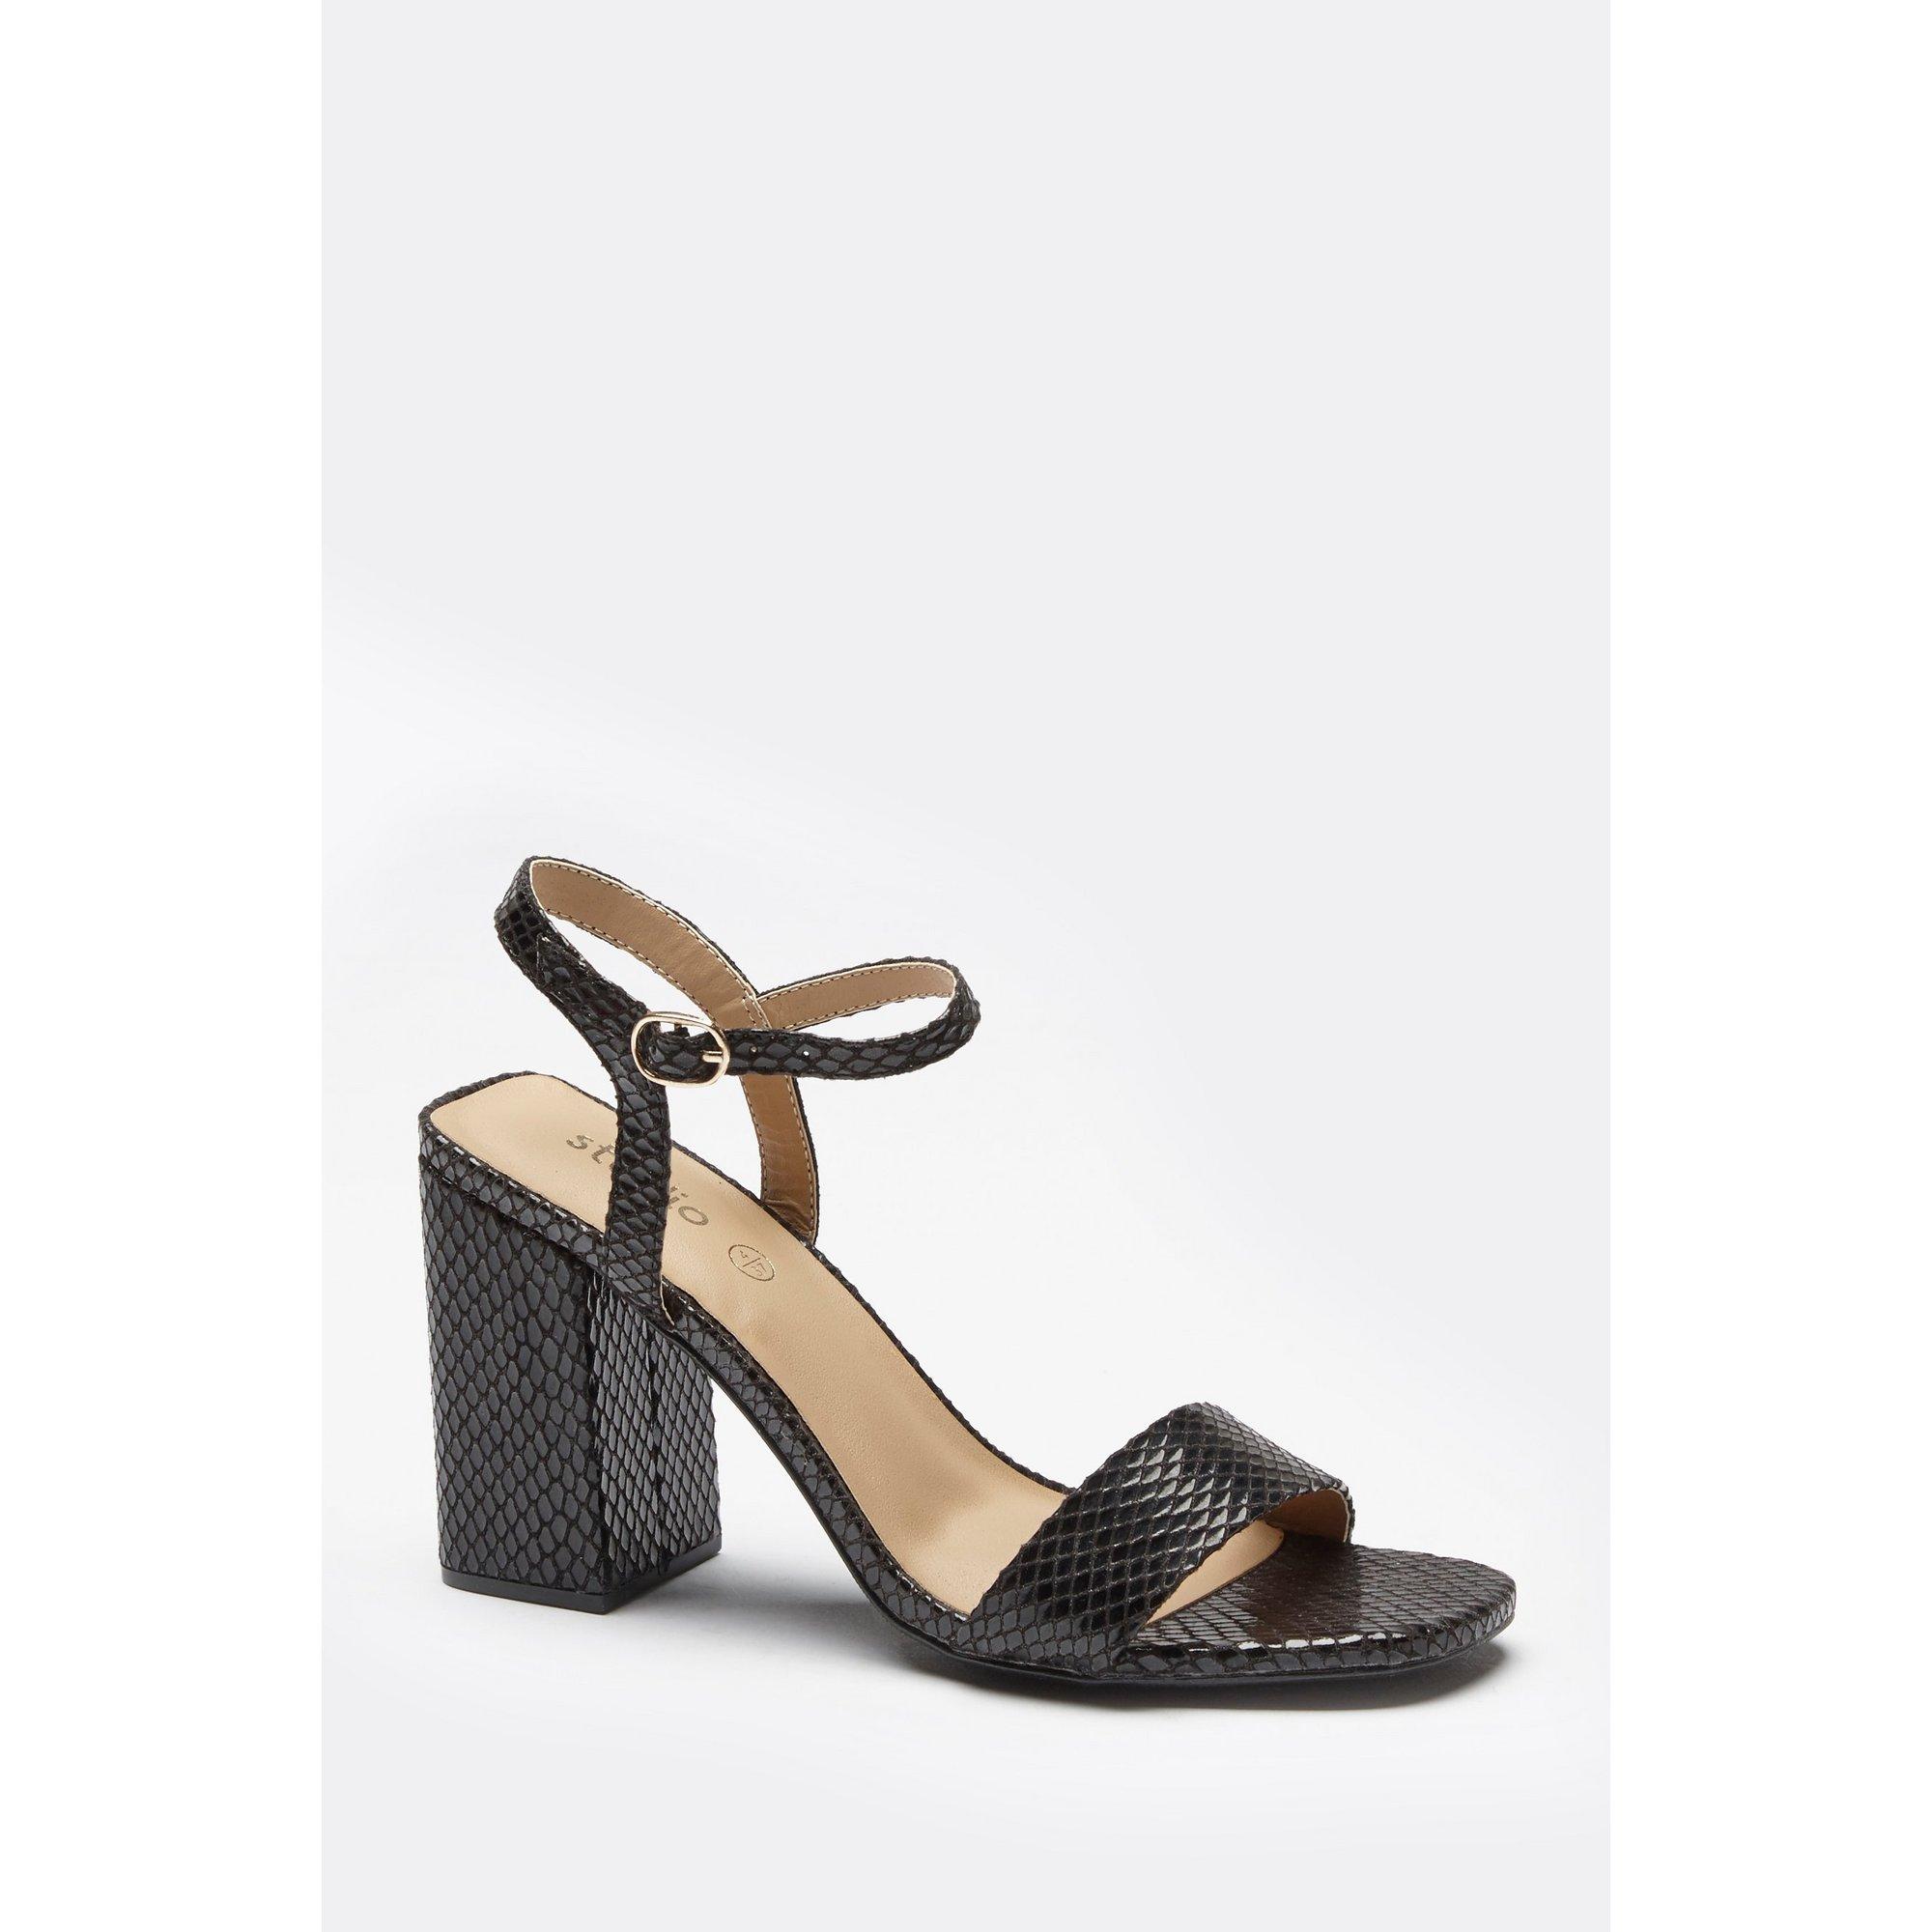 Image of 2 Part Block Heel Sandals